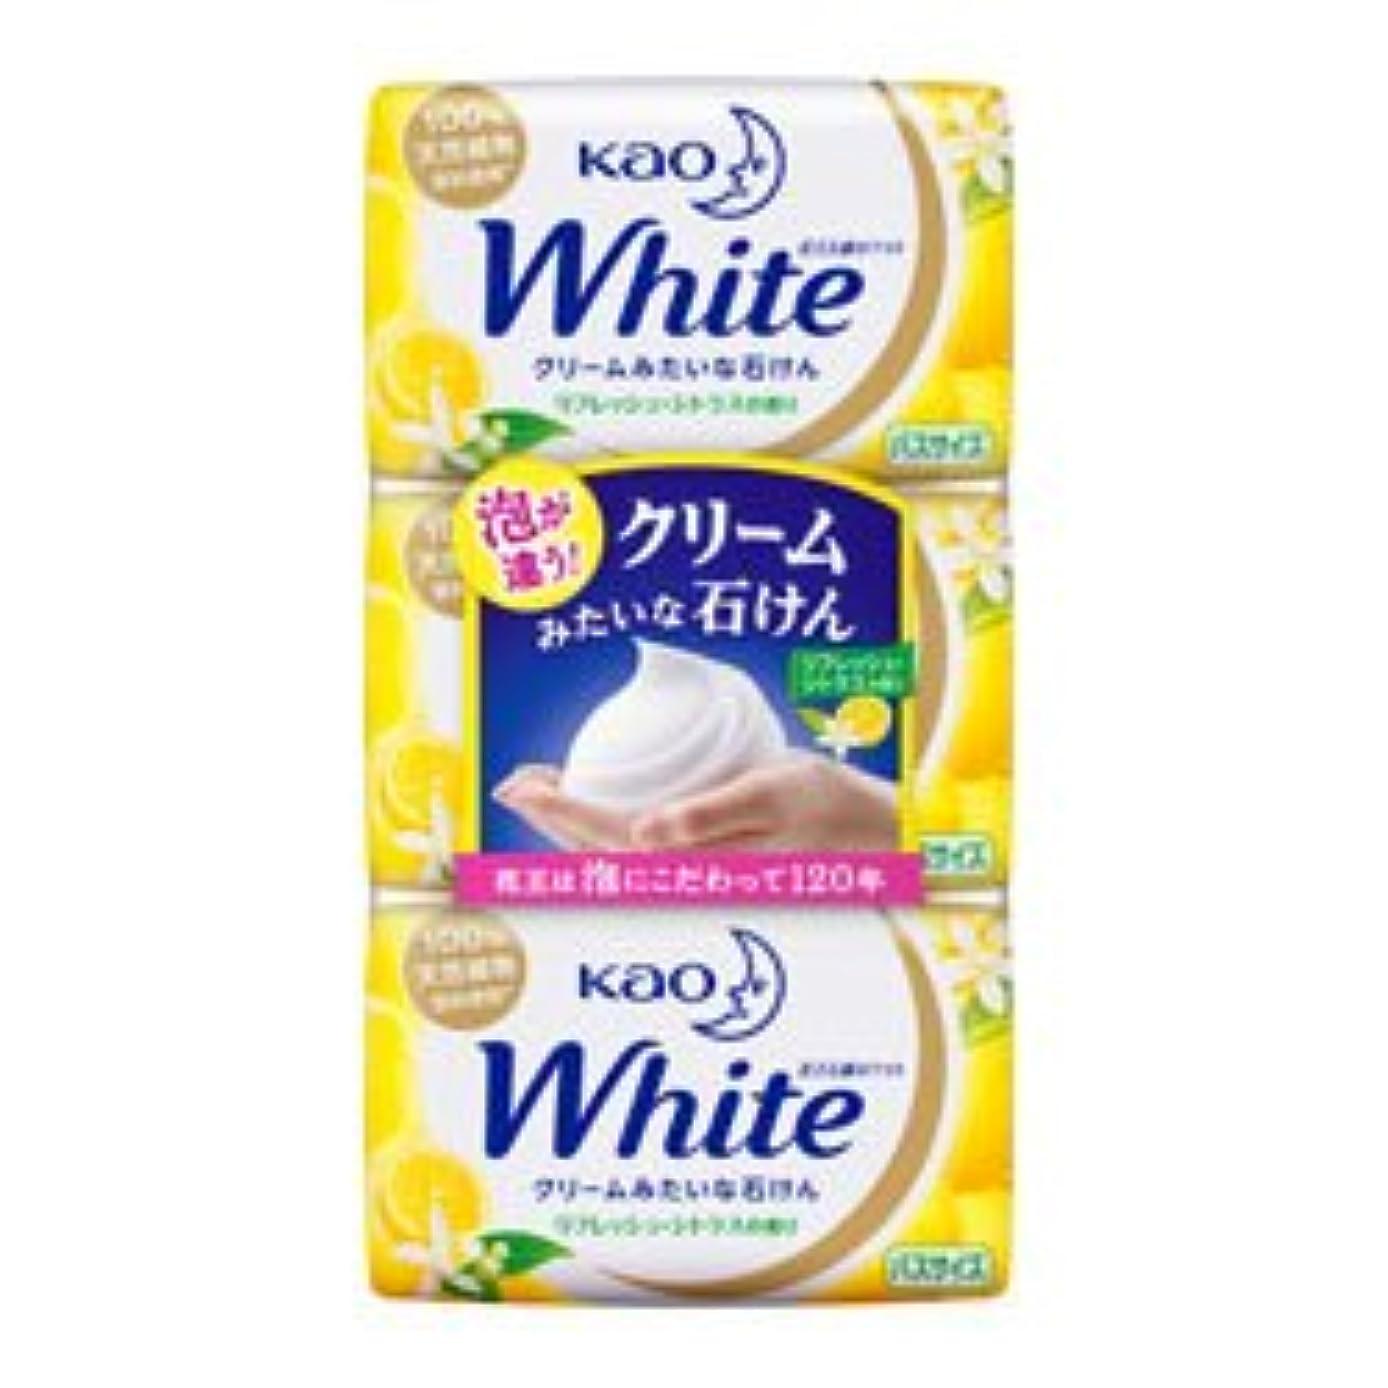 秀でる本土泣き叫ぶ【花王】ホワイト リフレッシュ?シトラスの香り バスサイズ 130g×3個入 ×20個セット